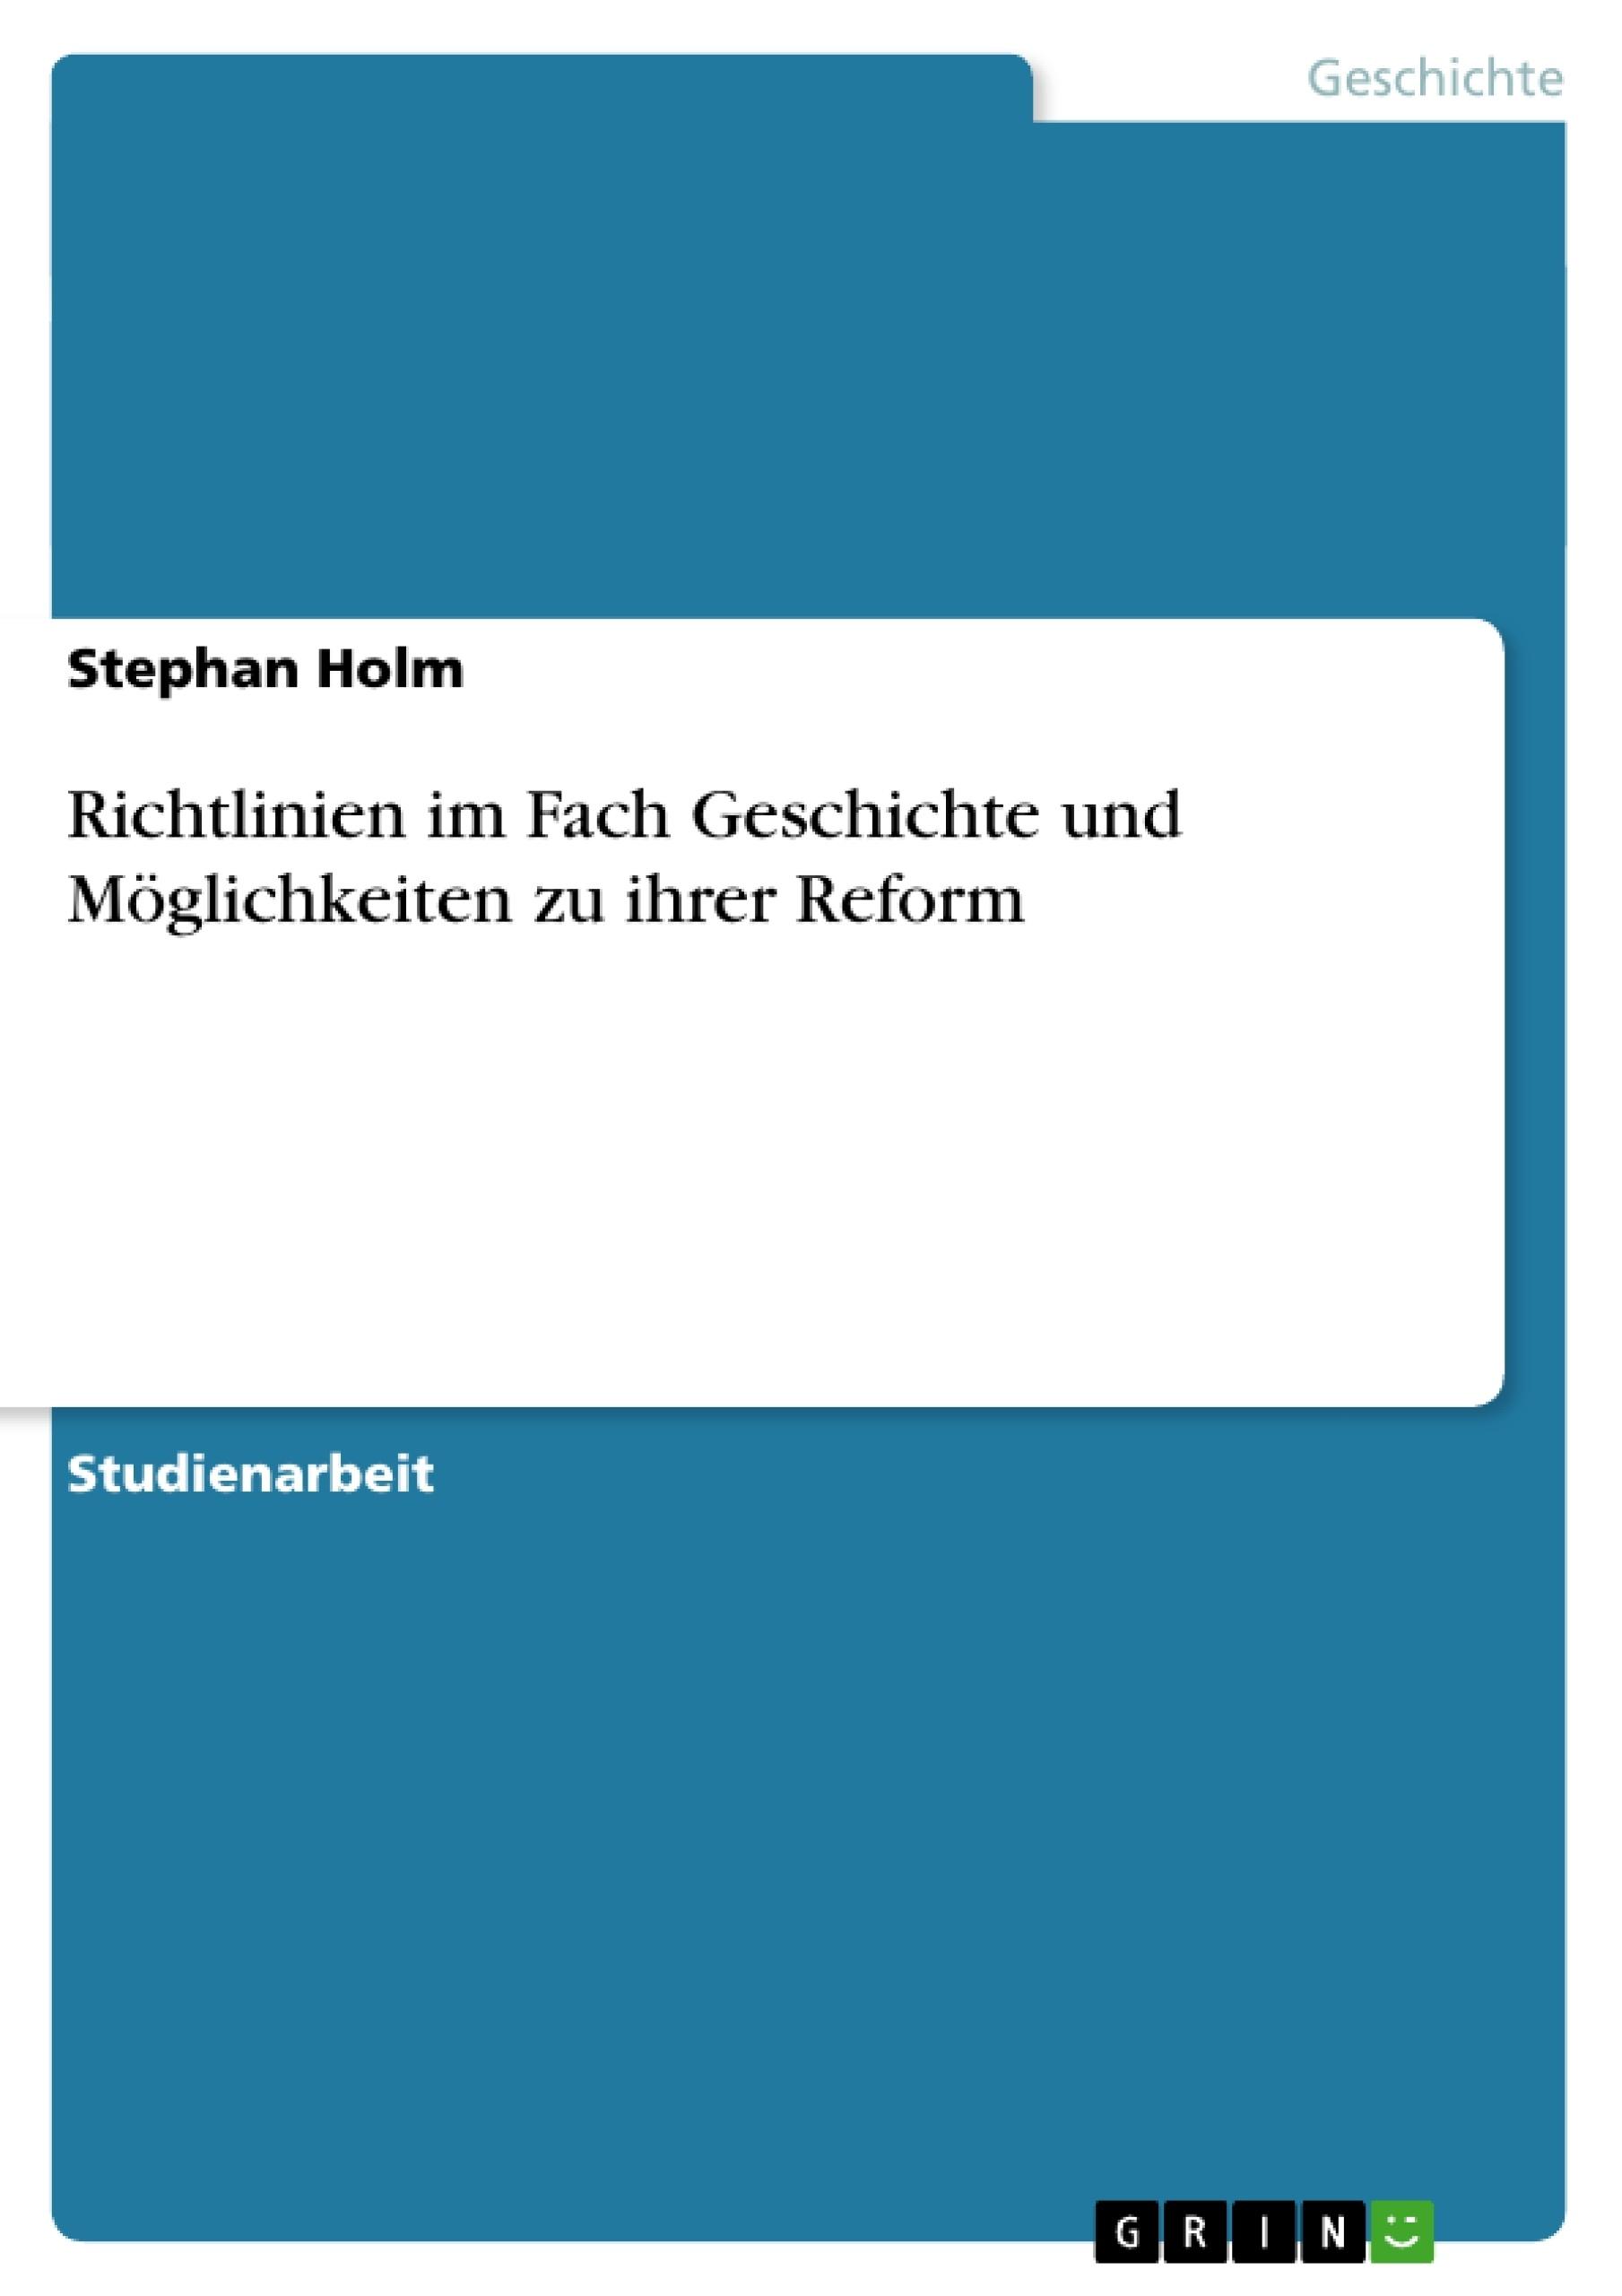 Titel: Richtlinien im Fach Geschichte und Möglichkeiten zu ihrer Reform